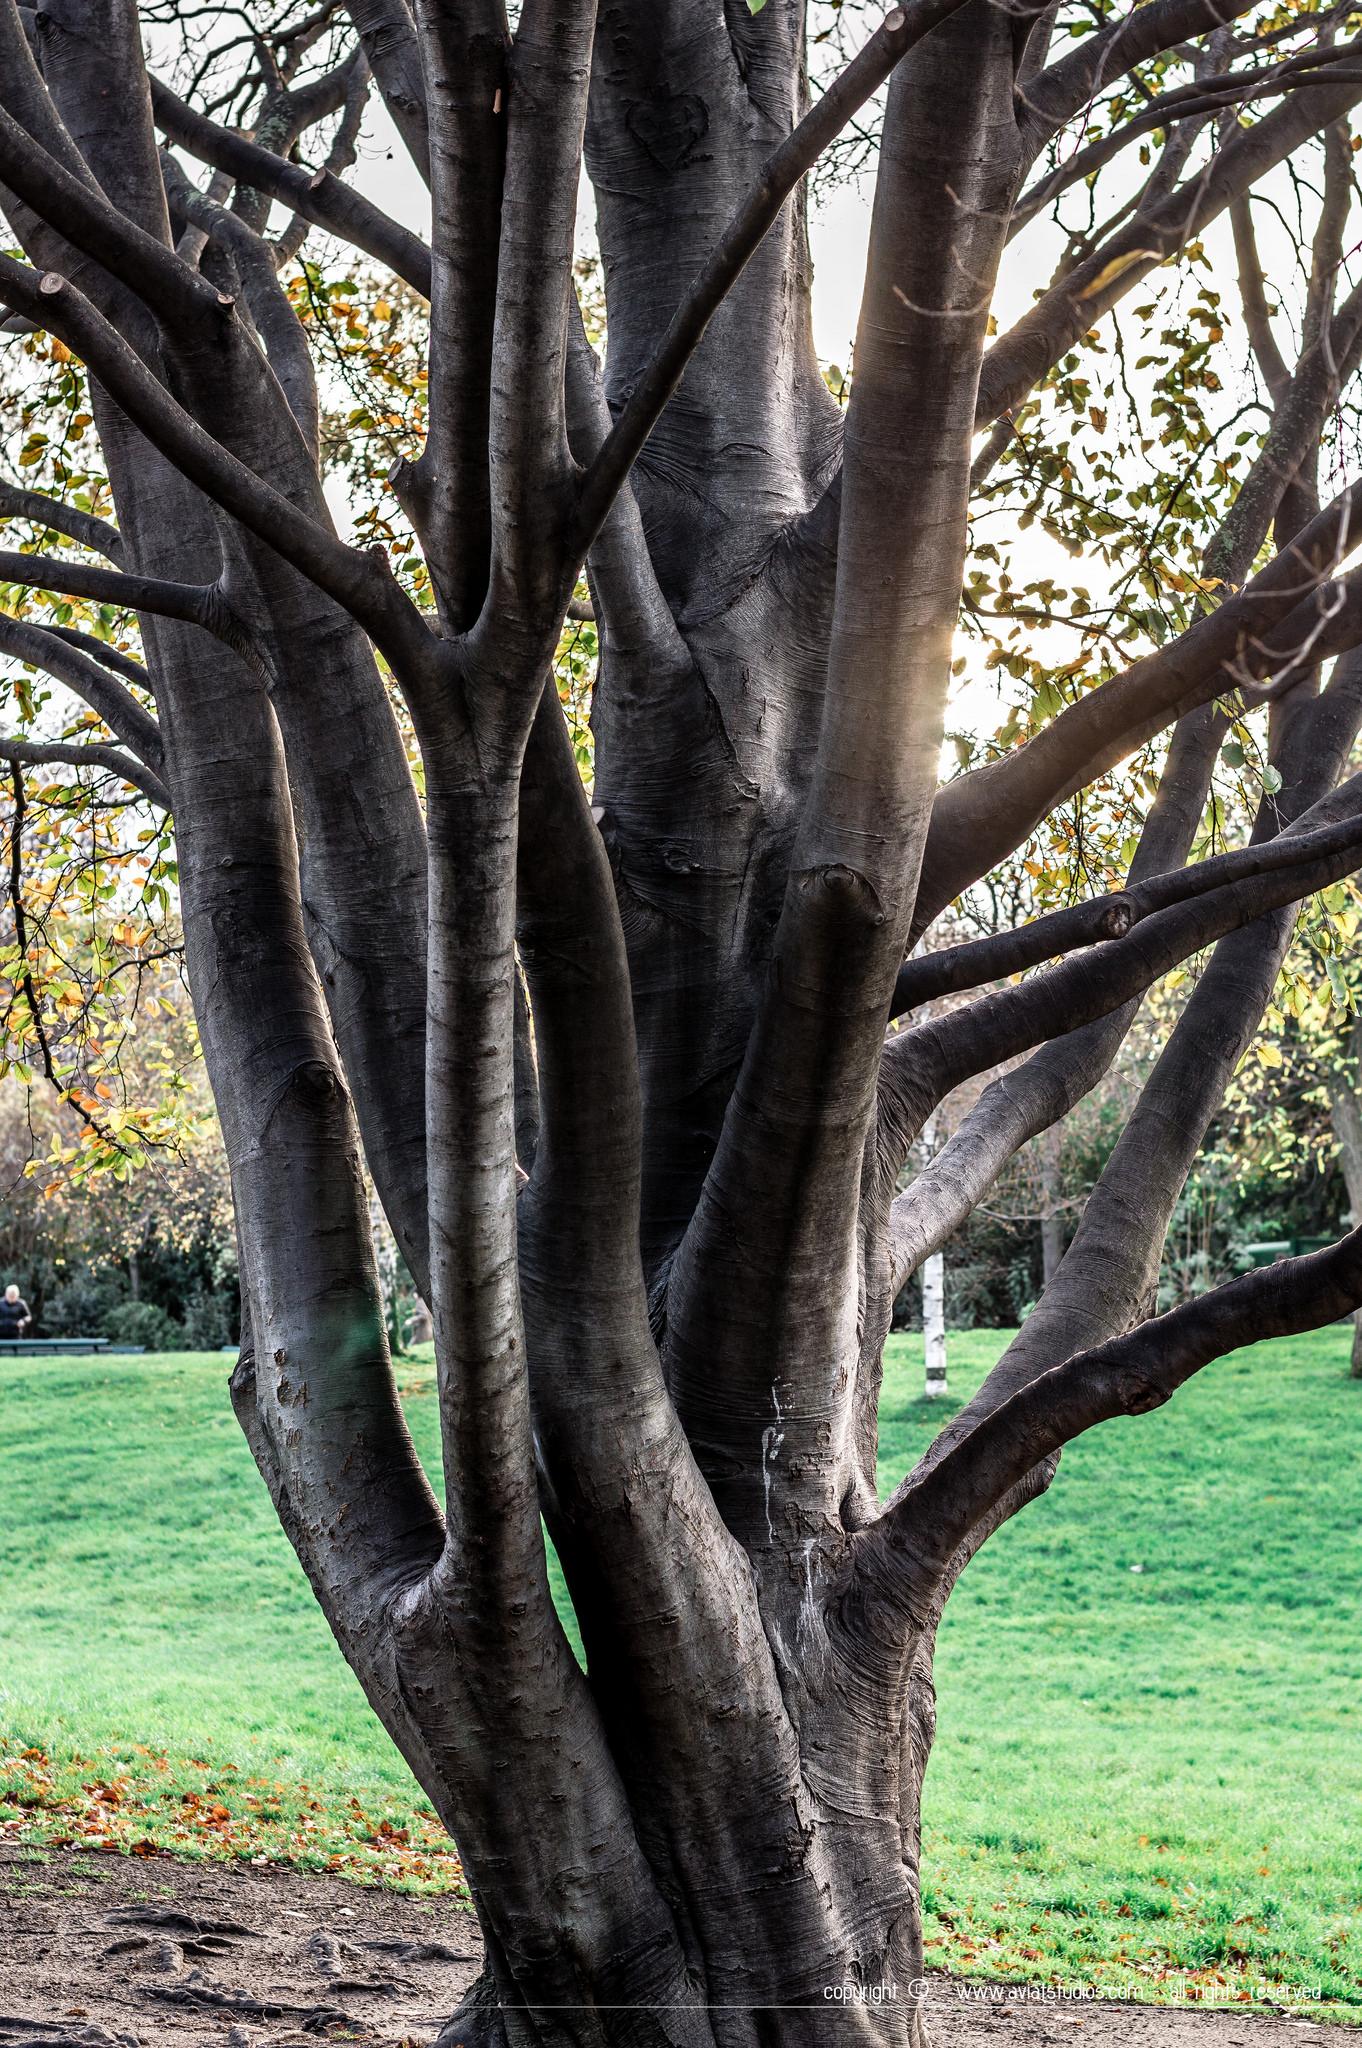 Un week-end à Paris - rencontre avec la nature